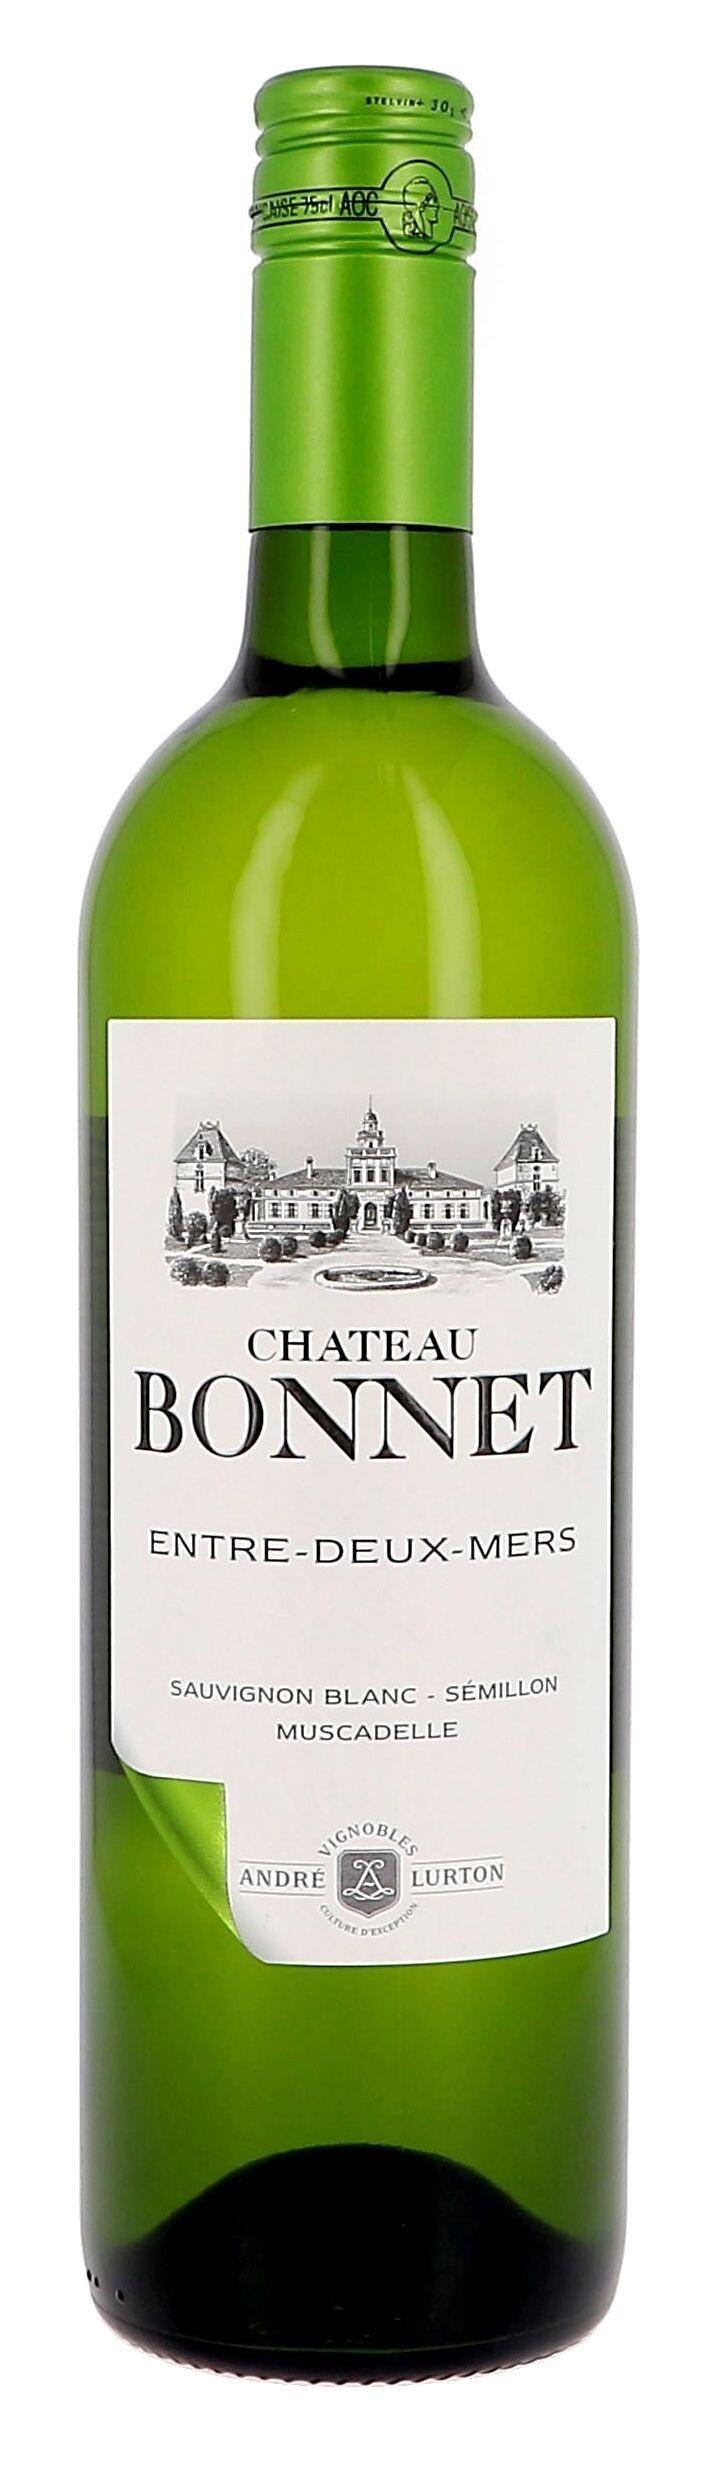 Chateau Bonnet white 75cl Entre-Deux-Mers Andre Lurton